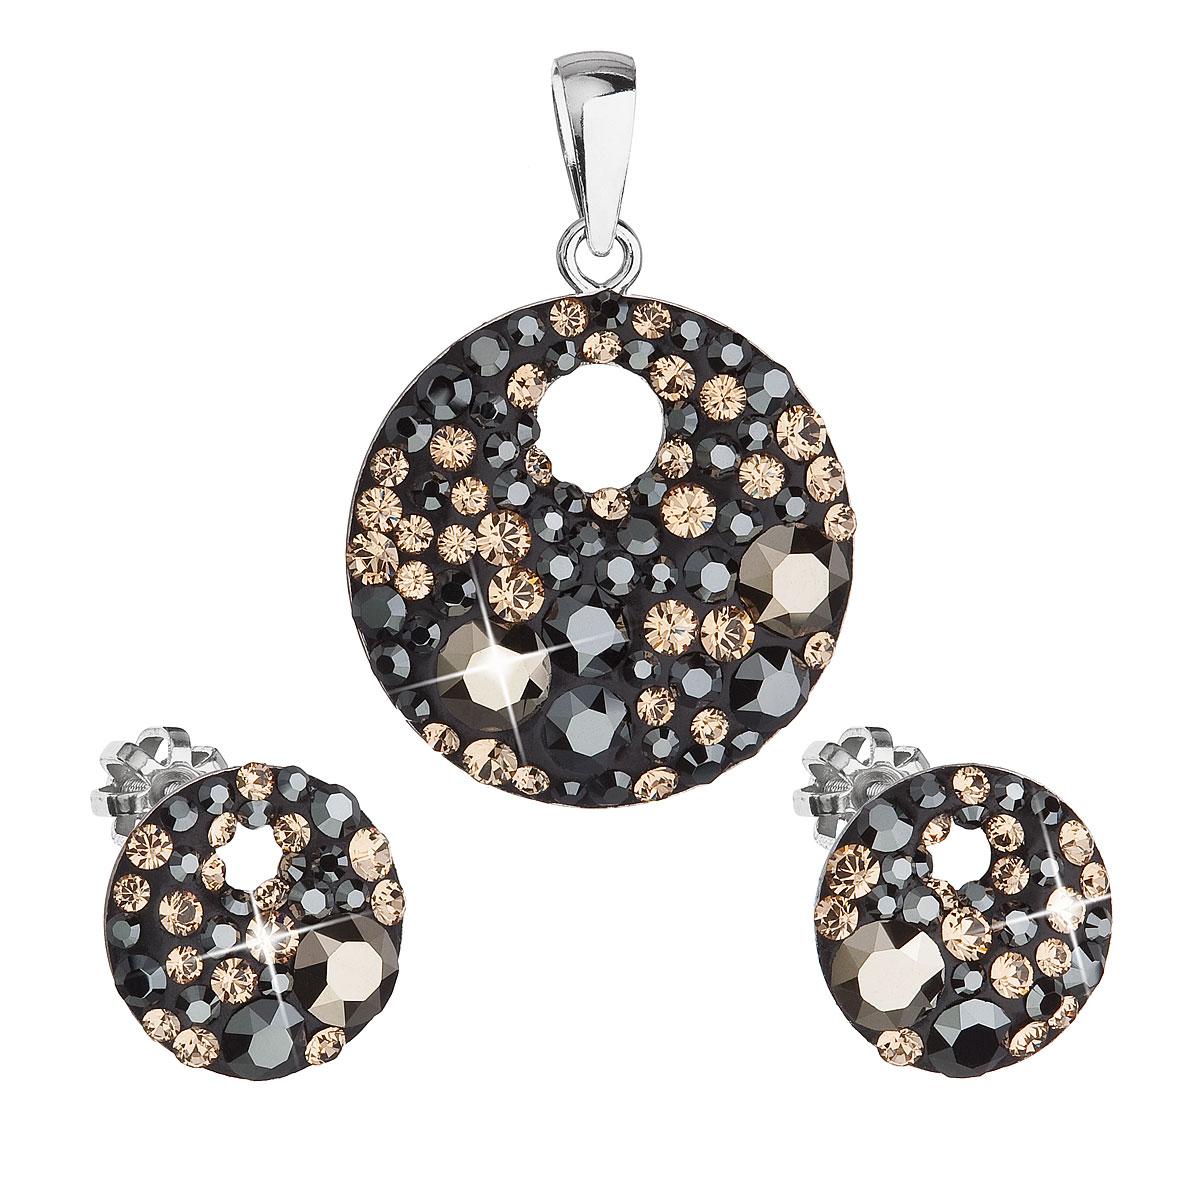 Evolution Group Sada šperků s krystaly Swarovski náušnice a přívěsek mix barev černá hnědá zlatá kulaté 39148.4, dárkové balení